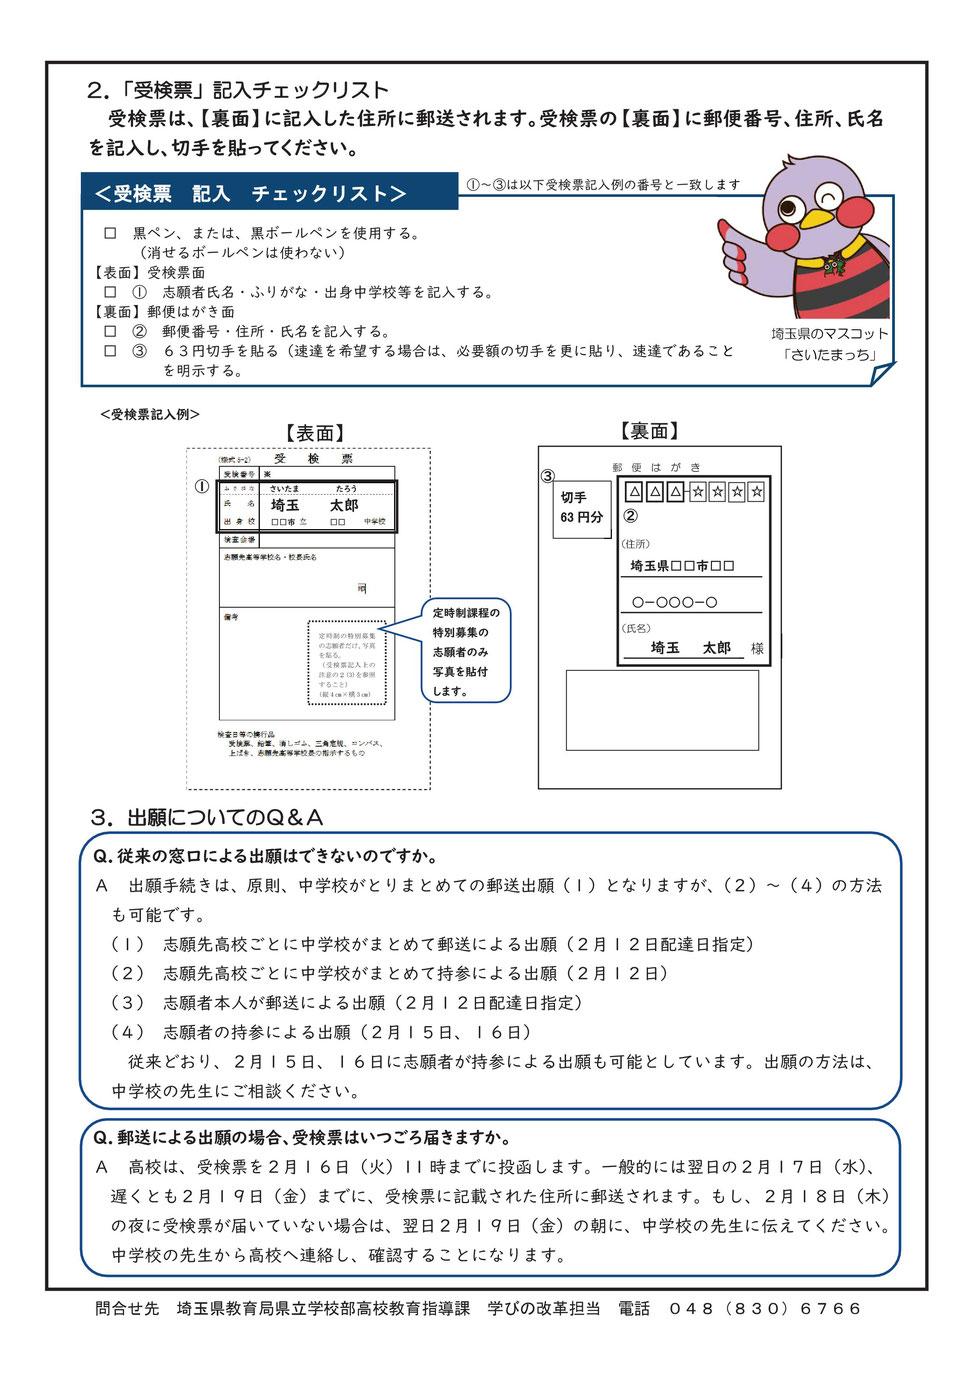 「入学願書・受検票」記入チェックリスト,埼玉県高校入試